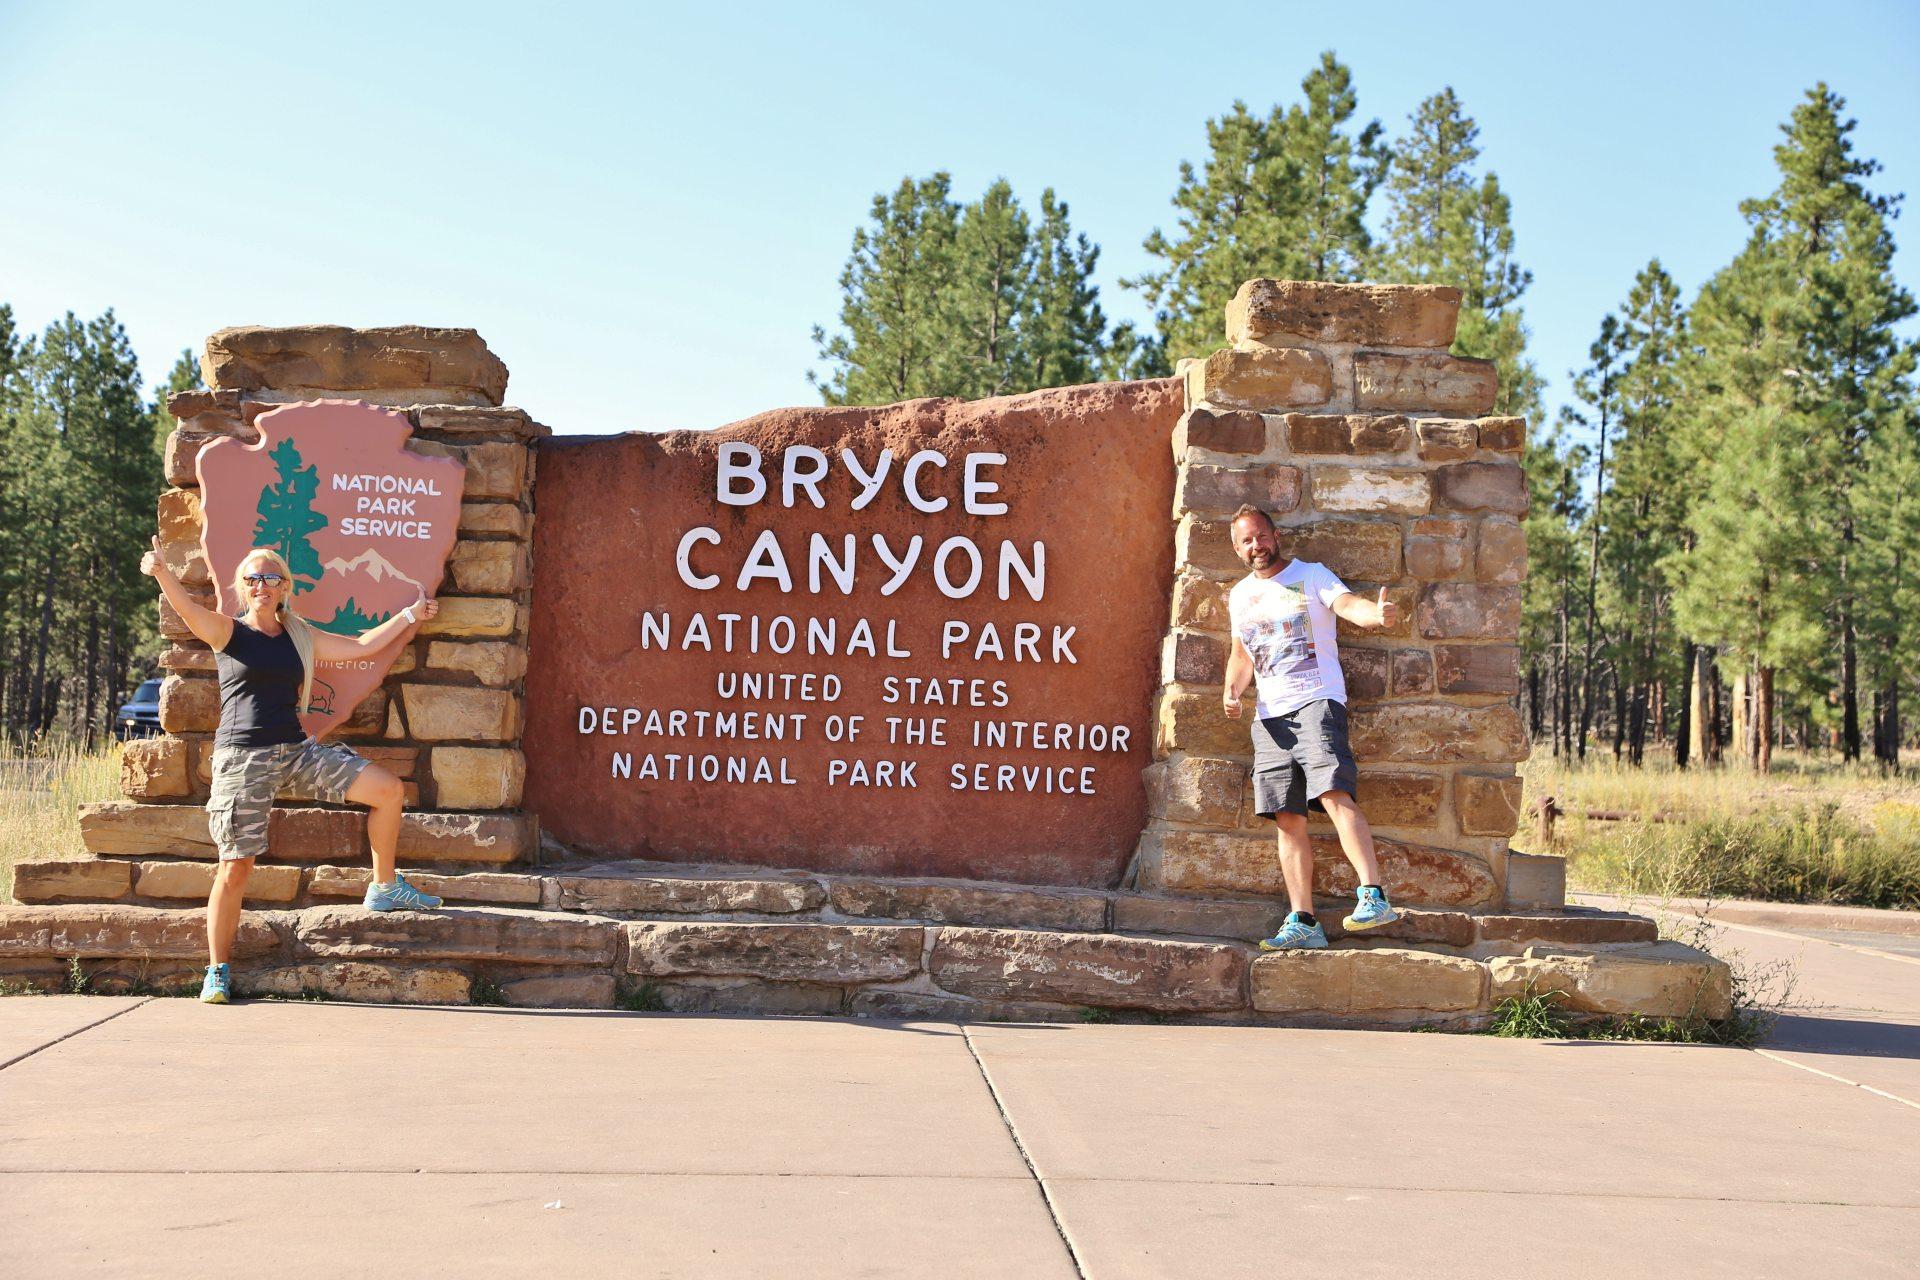 Bryce is also very nice! - Beschilderung, Blondine, Bryce Canyon National Park, Einfahrtsschild, Eingang, Himmel, Personen, Portrait, Porträt, Schild, Tafel, Utah, Welcome-Schild - HOFBAUER-HOFMANN Sofia, WEISSINGER Andreas - (Bryce Canyon City, Bryce, Utah, Vereinigte Staaten)